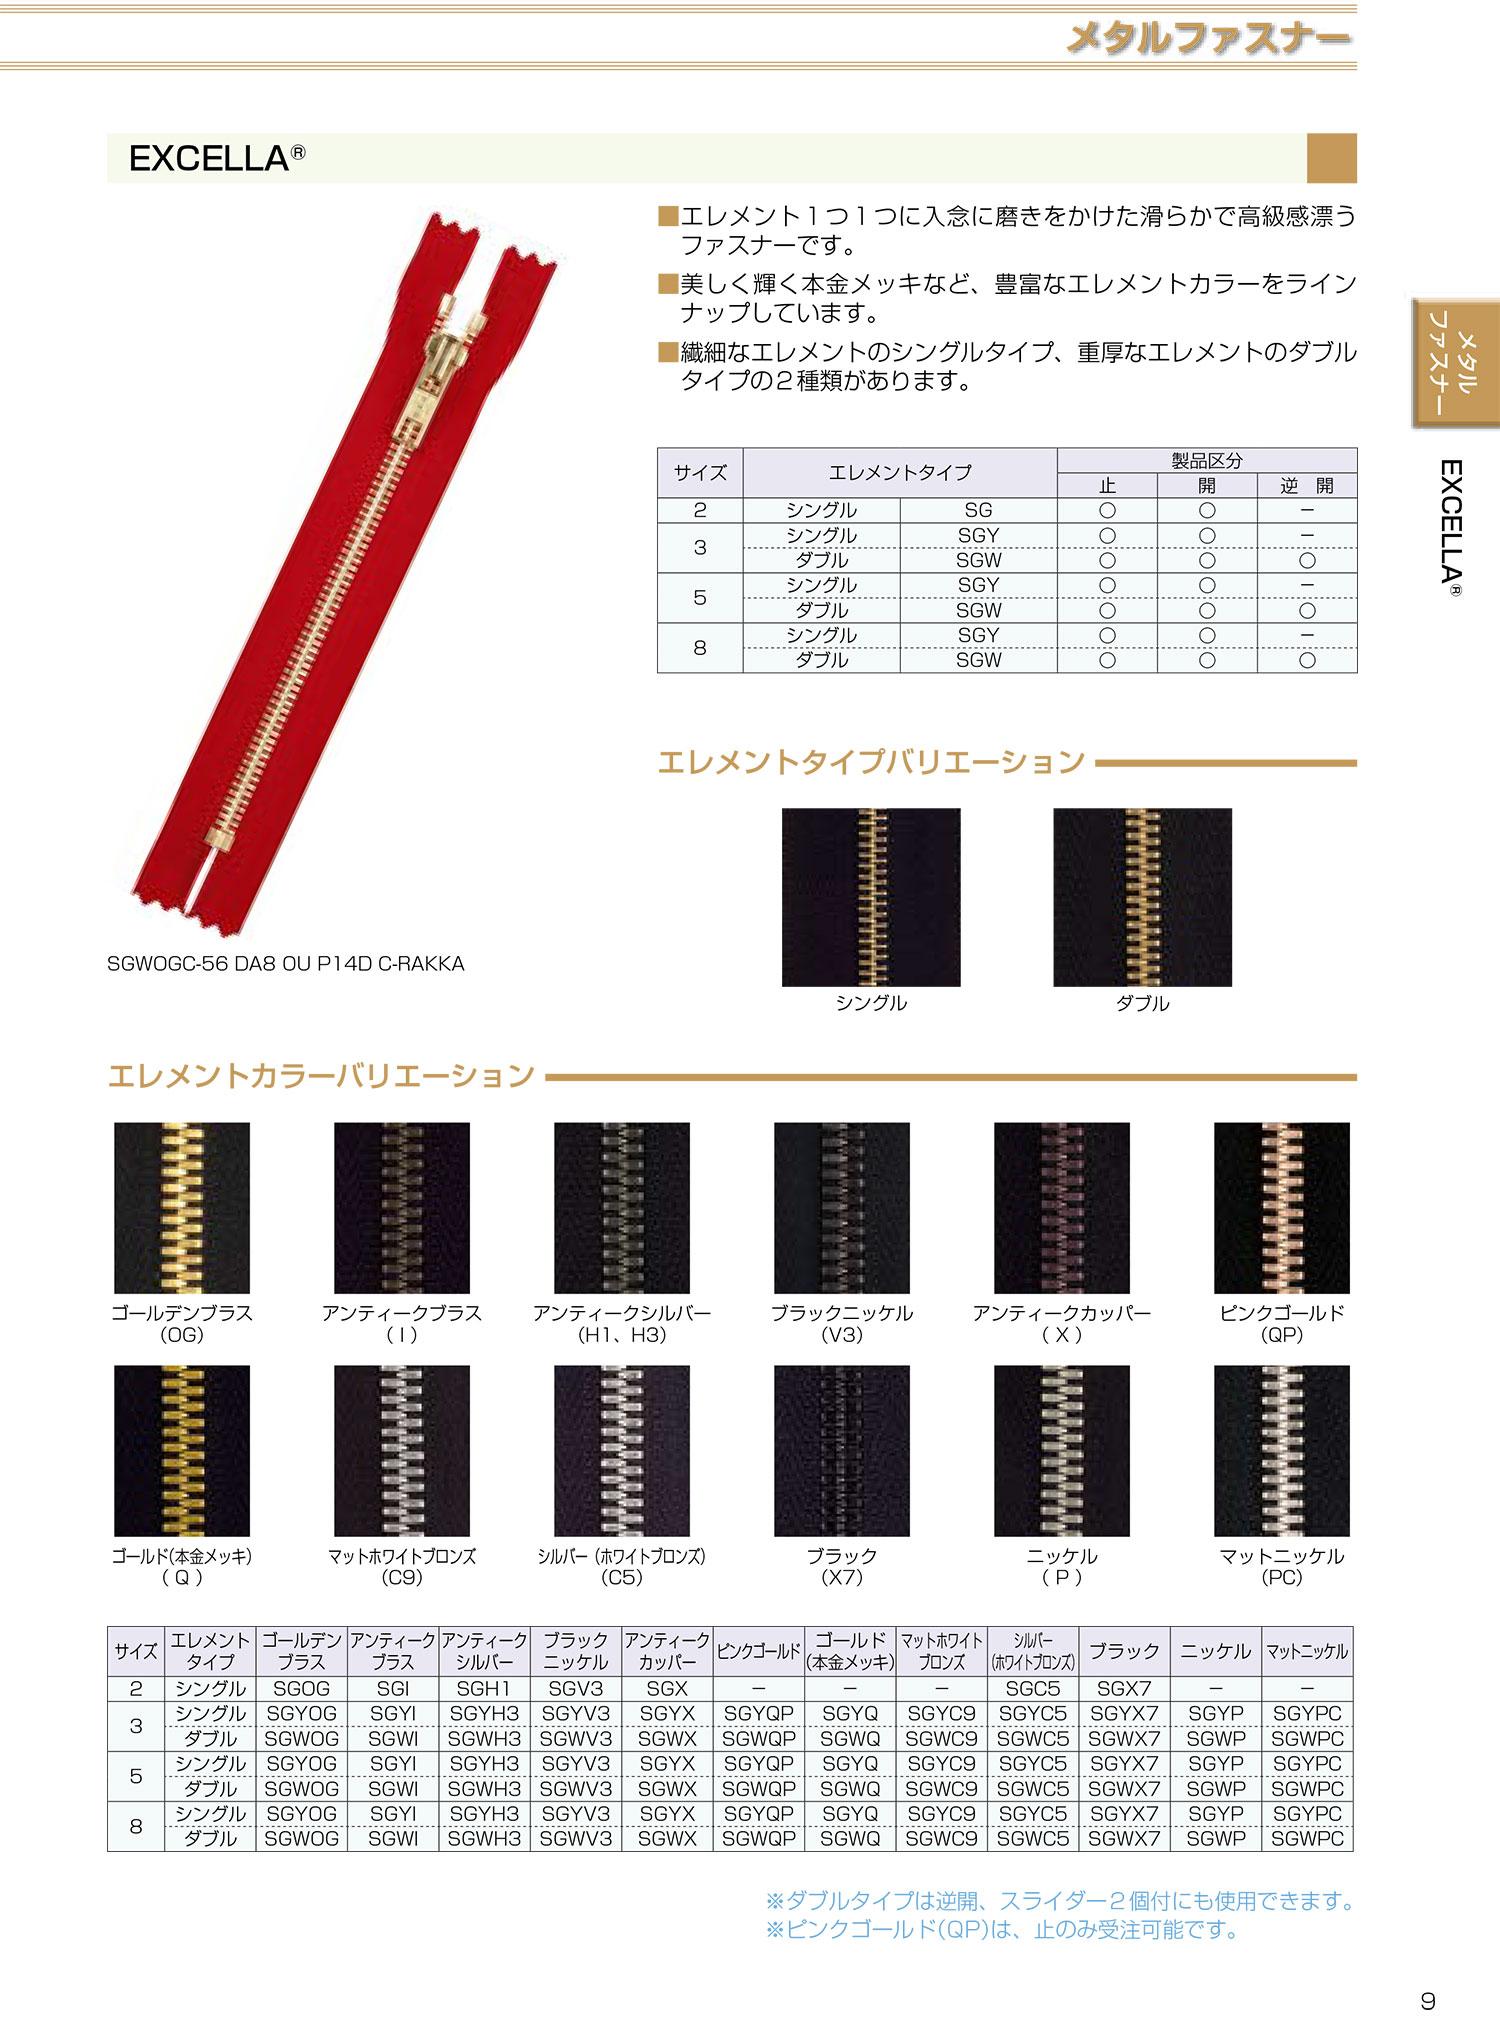 5SGWV3C エクセラ 5サイズ ブラックニッケル 止め ダブル[ファスナー] YKK/オークラ商事 - ApparelX アパレル資材卸通販